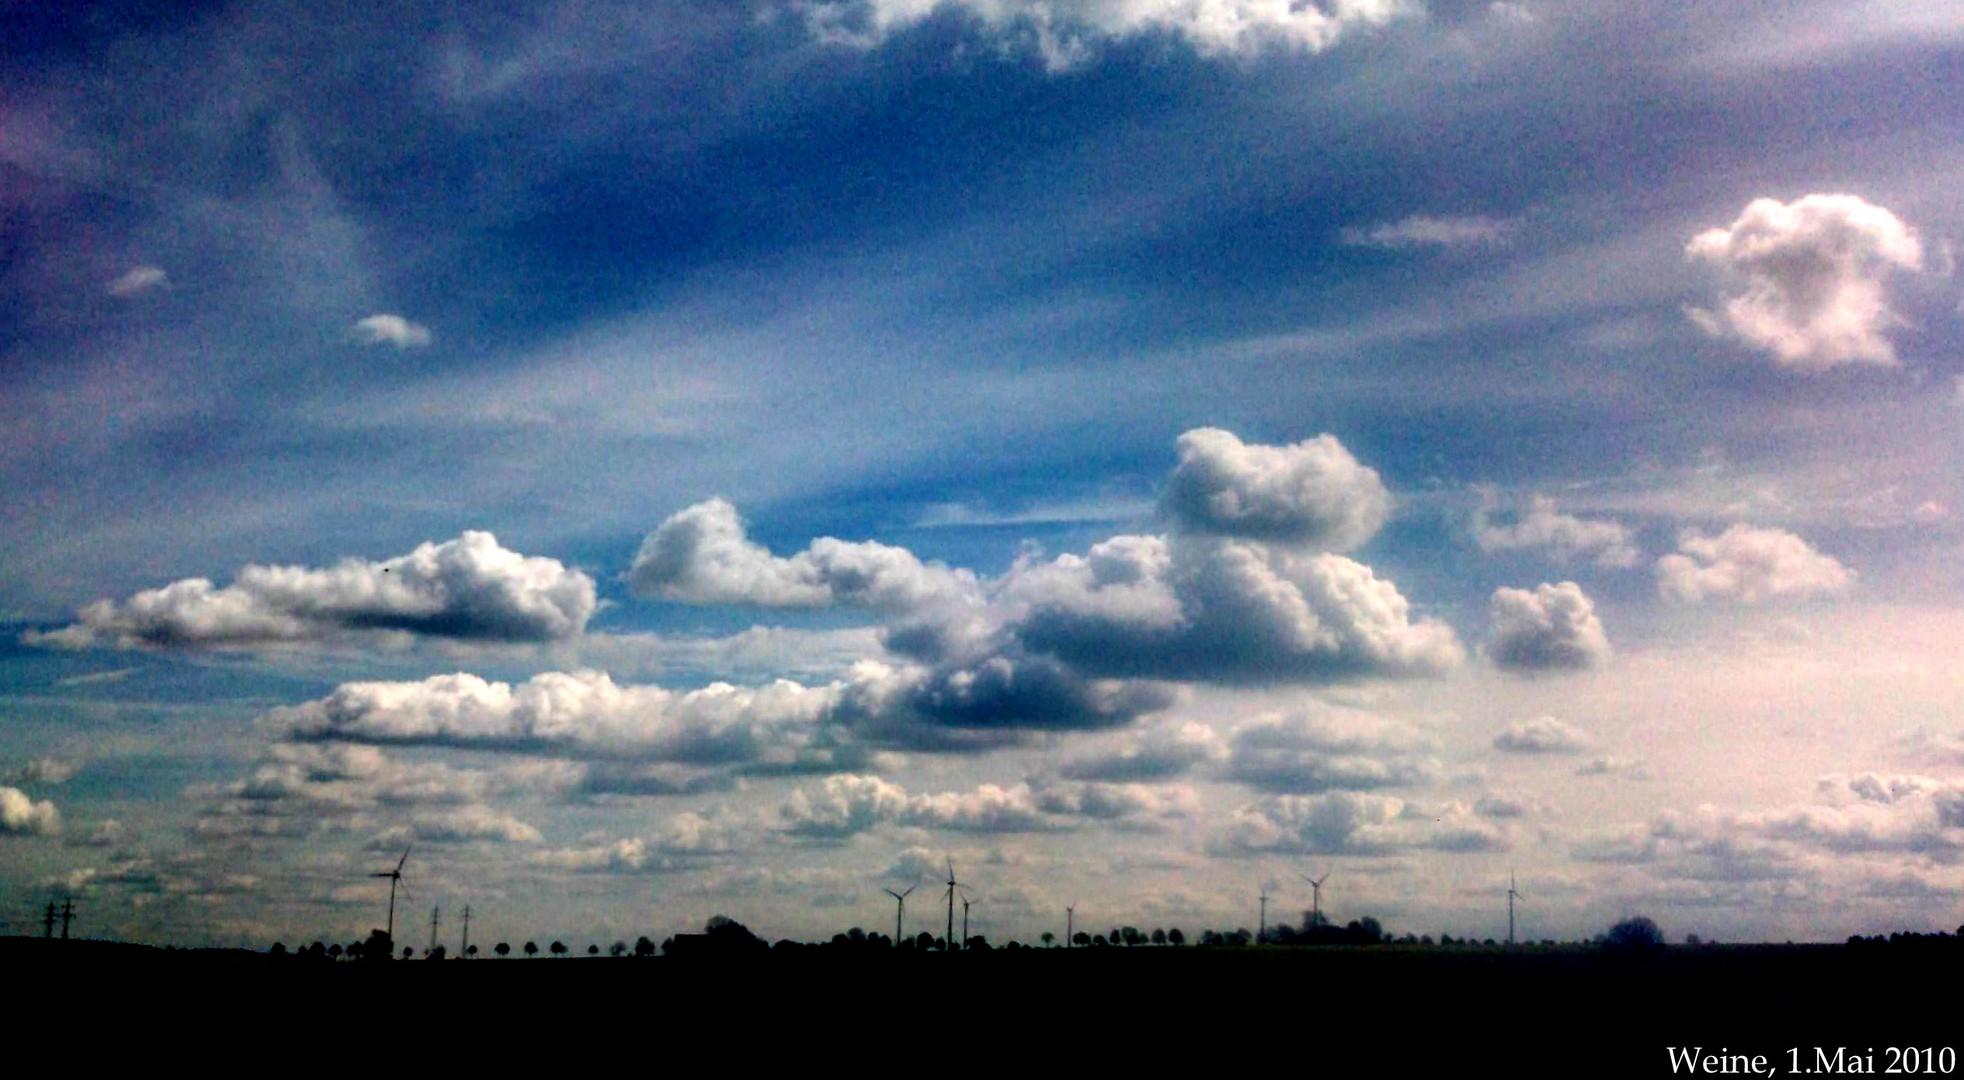 wolken wie gemalt foto bild anf ngerecke nachgefragt nachgefragt landschaft natur. Black Bedroom Furniture Sets. Home Design Ideas